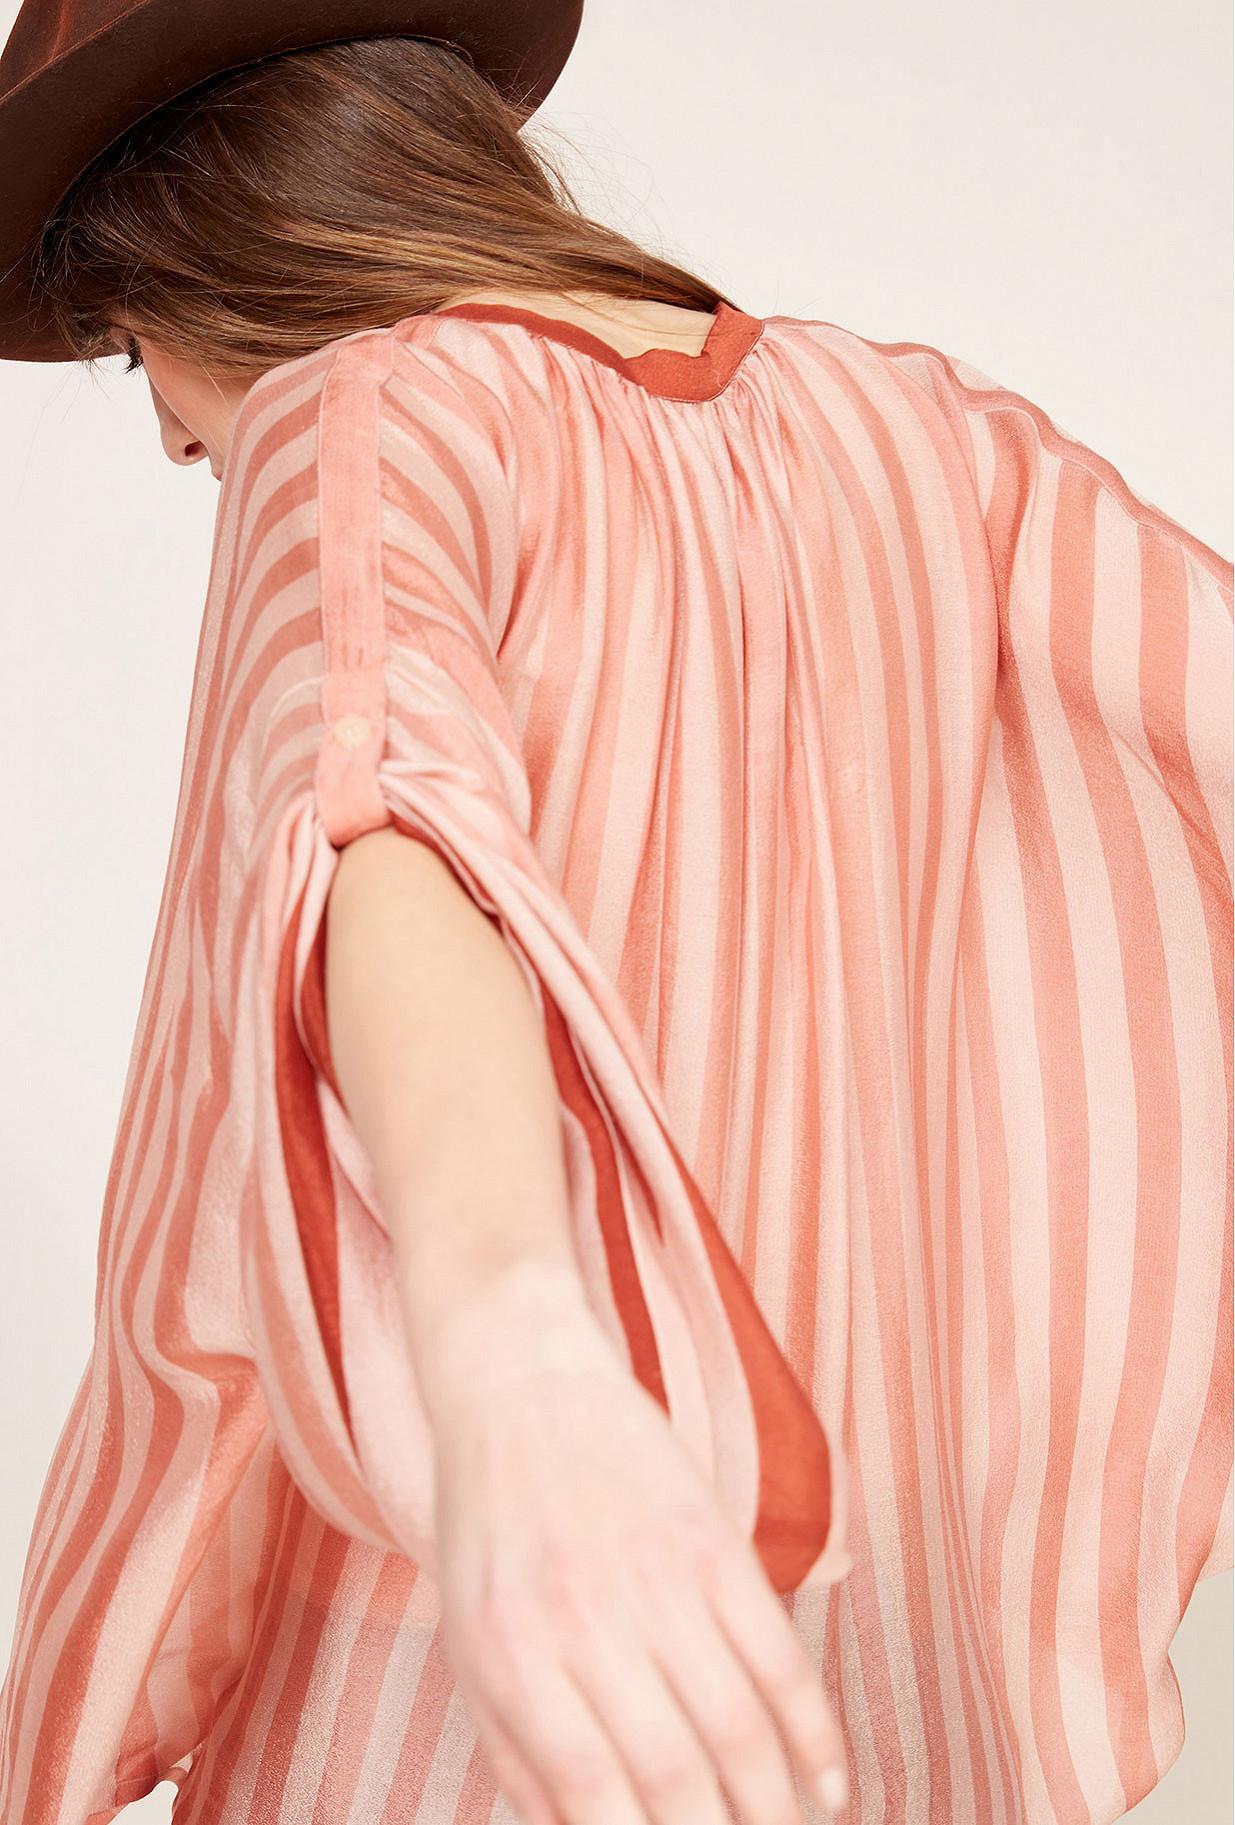 Nude  Blouse  Sunlight Mes demoiselles fashion clothes designer Paris